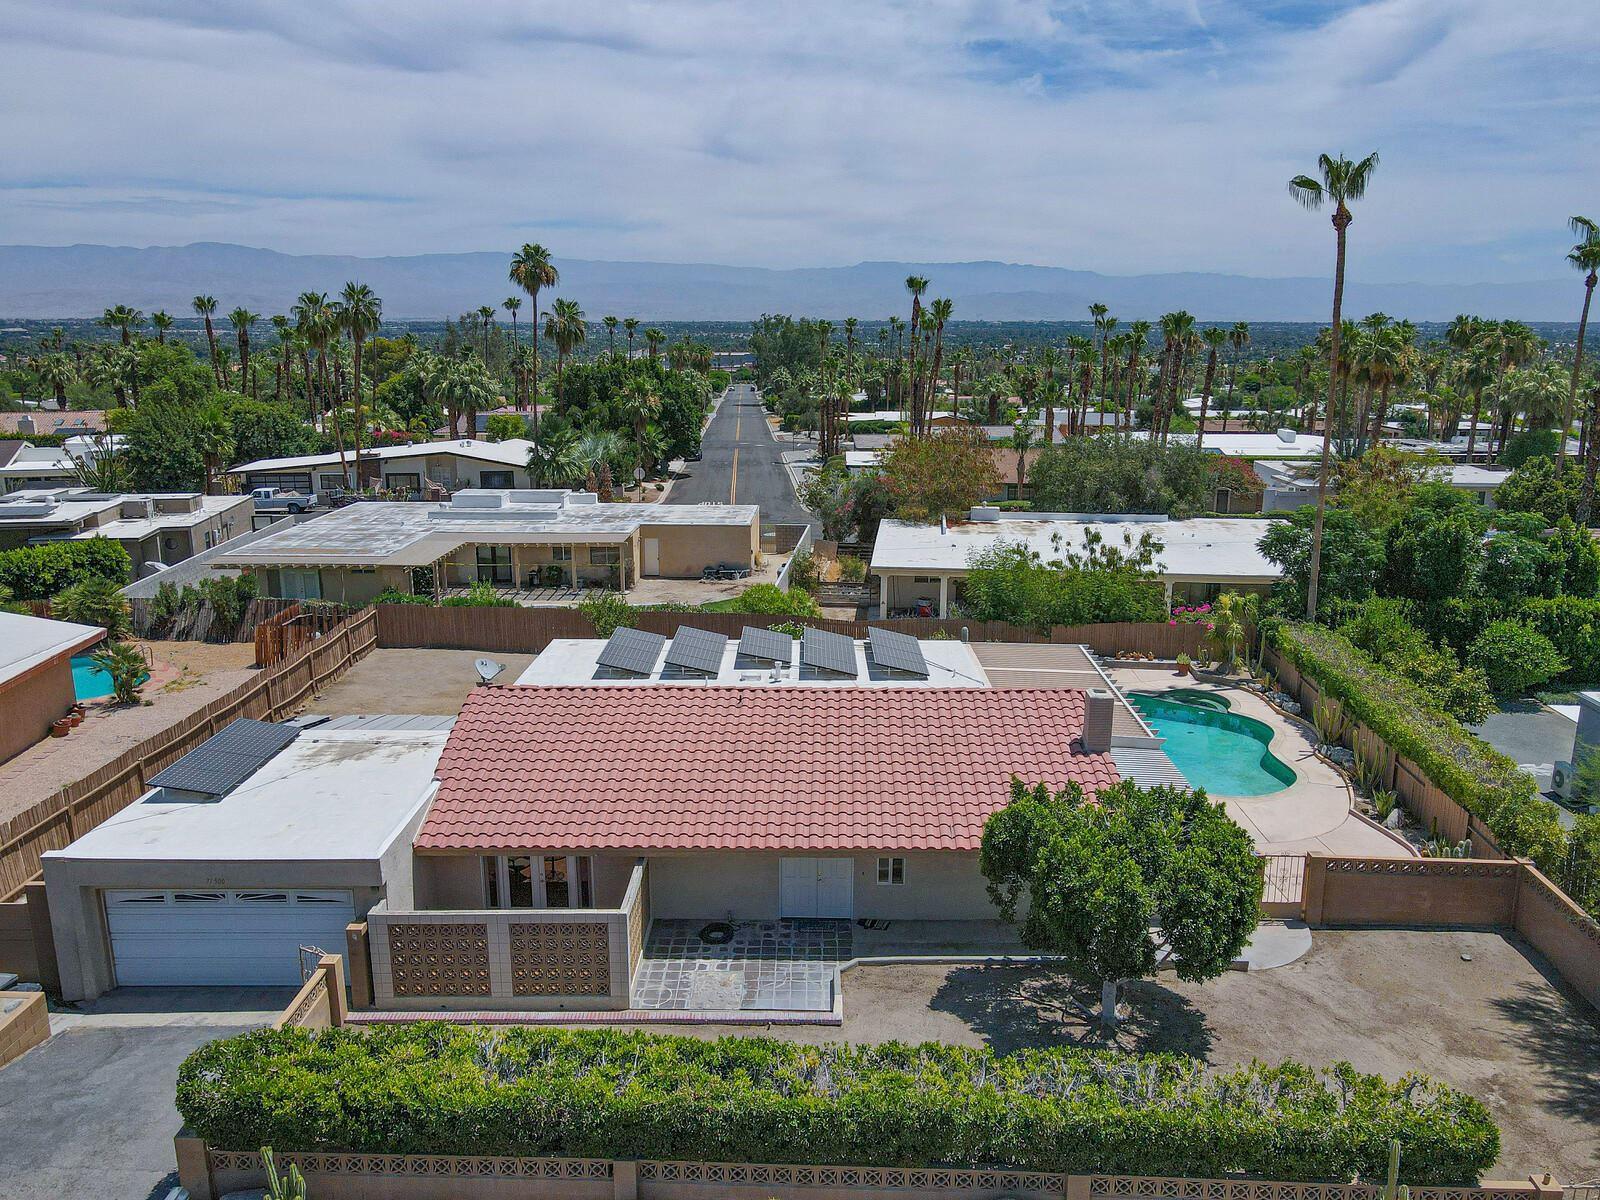 71500 Gardess Road, Rancho Mirage, CA 92270 - MLS#: 219045106